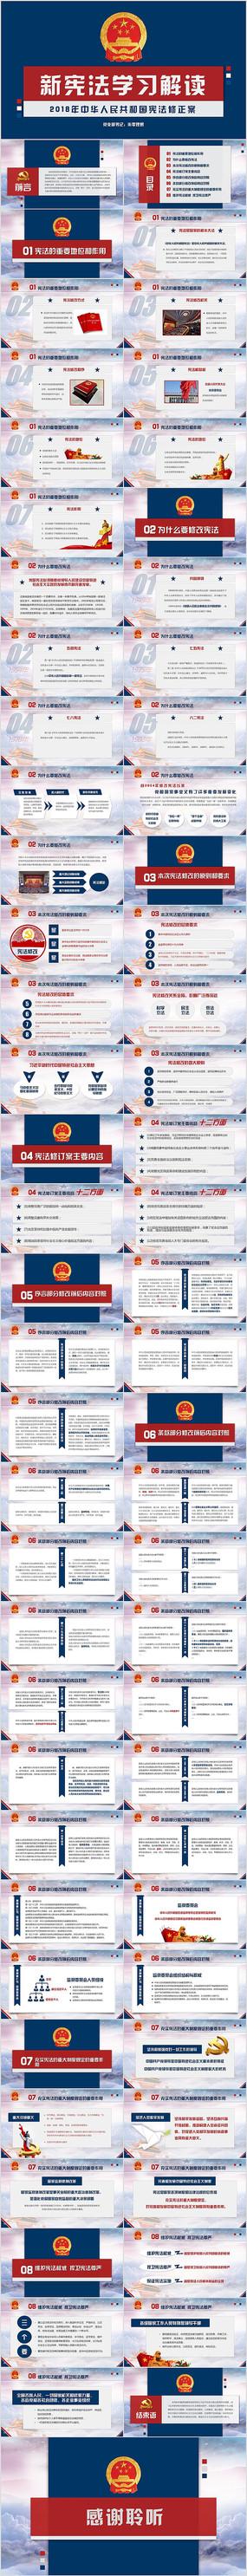 2018宪法修正案学习新宪法PPT